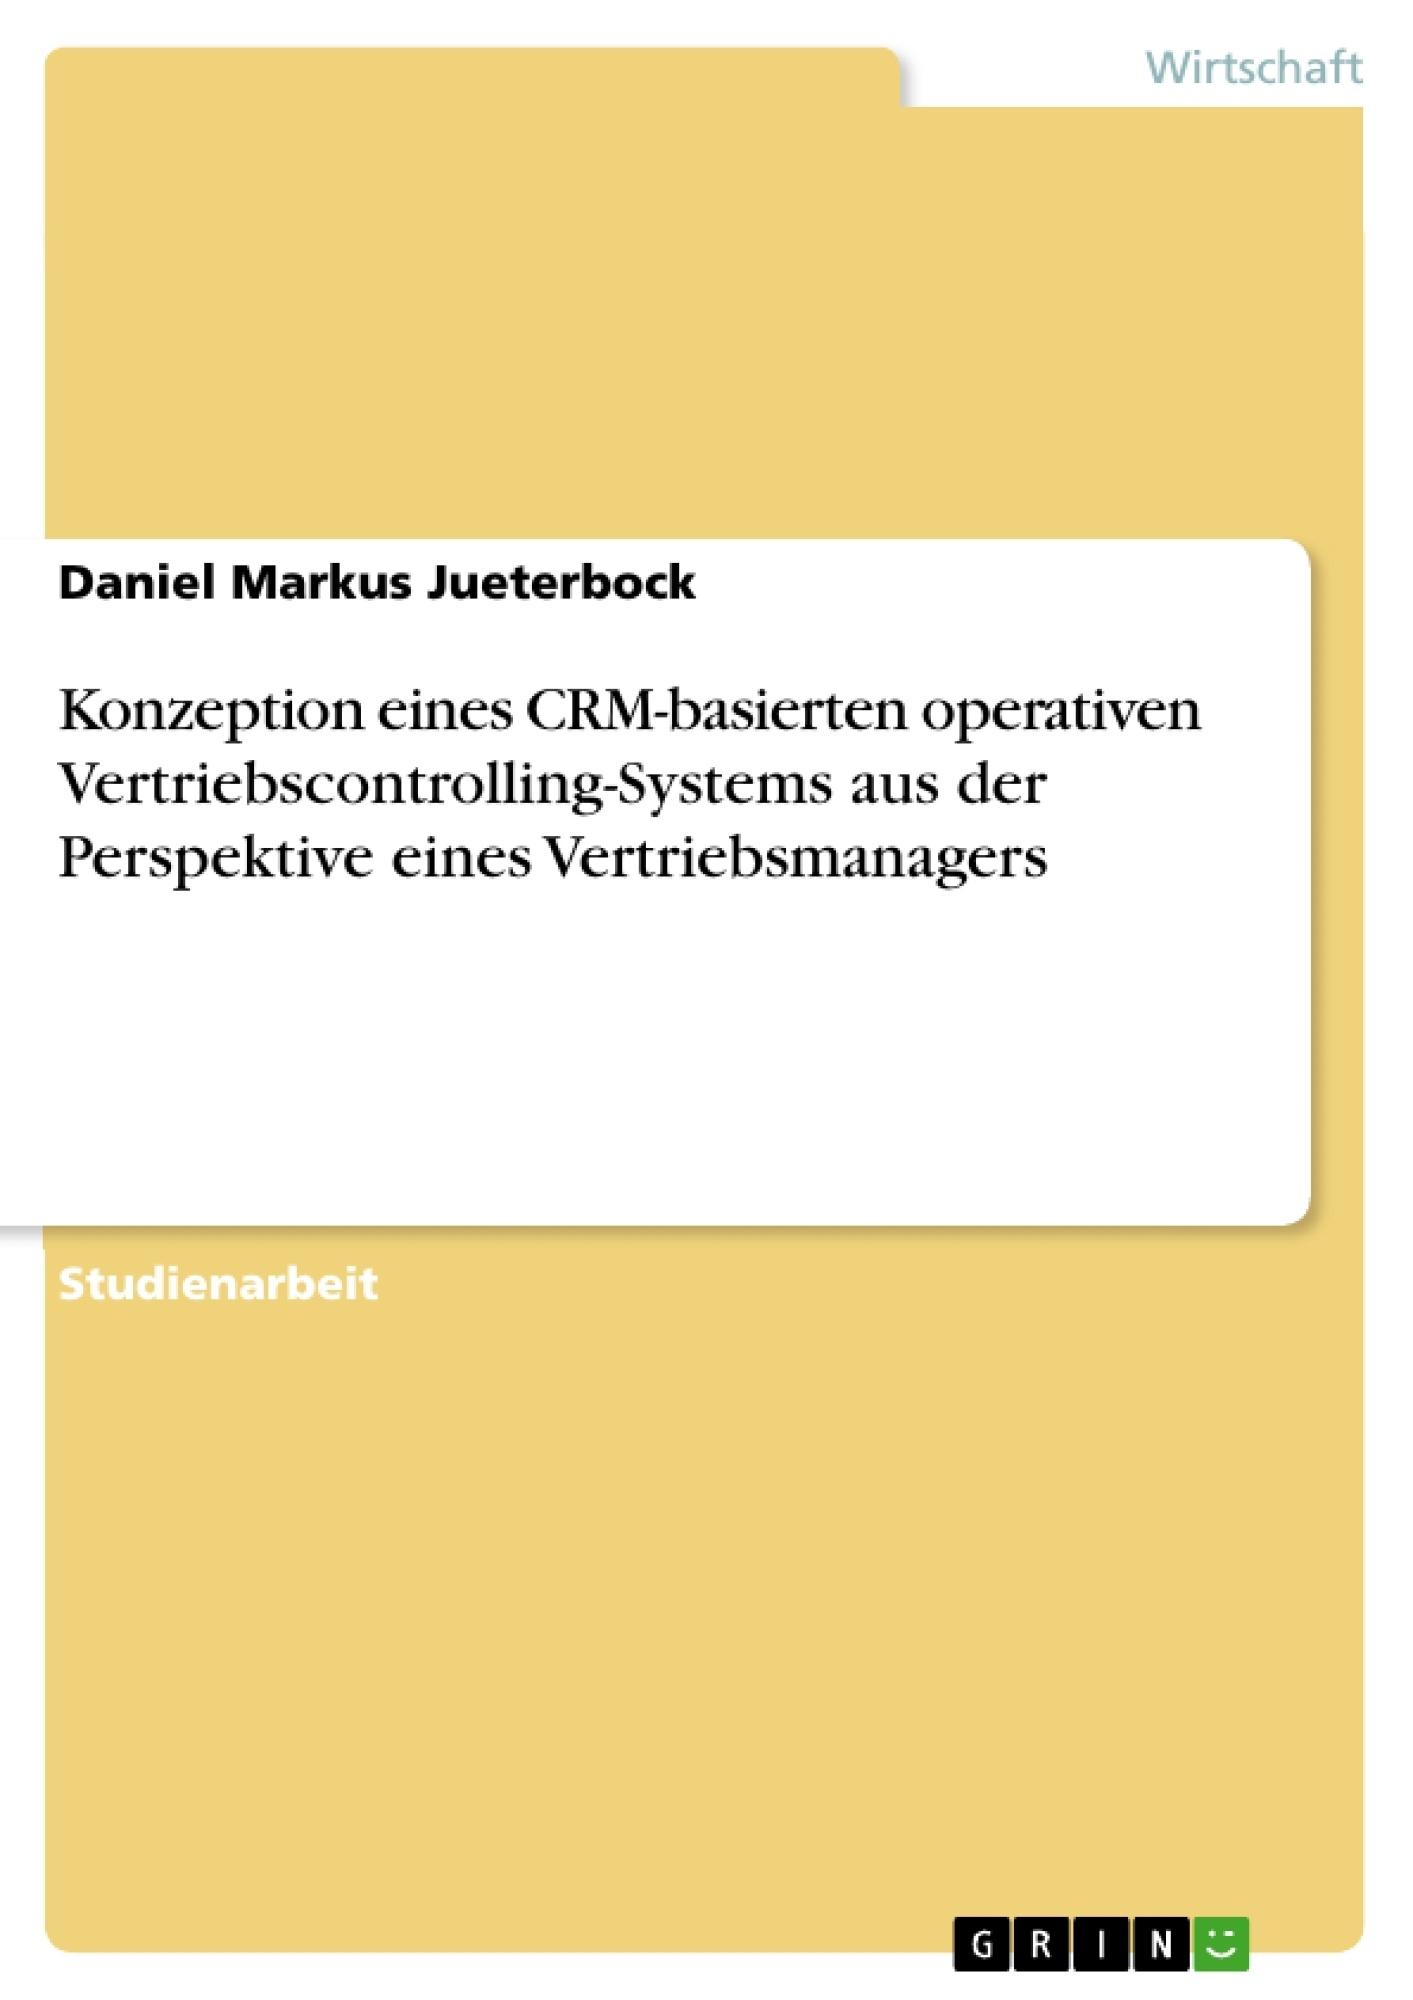 Titel: Konzeption eines CRM-basierten operativen Vertriebscontrolling-Systems aus der Perspektive eines Vertriebsmanagers